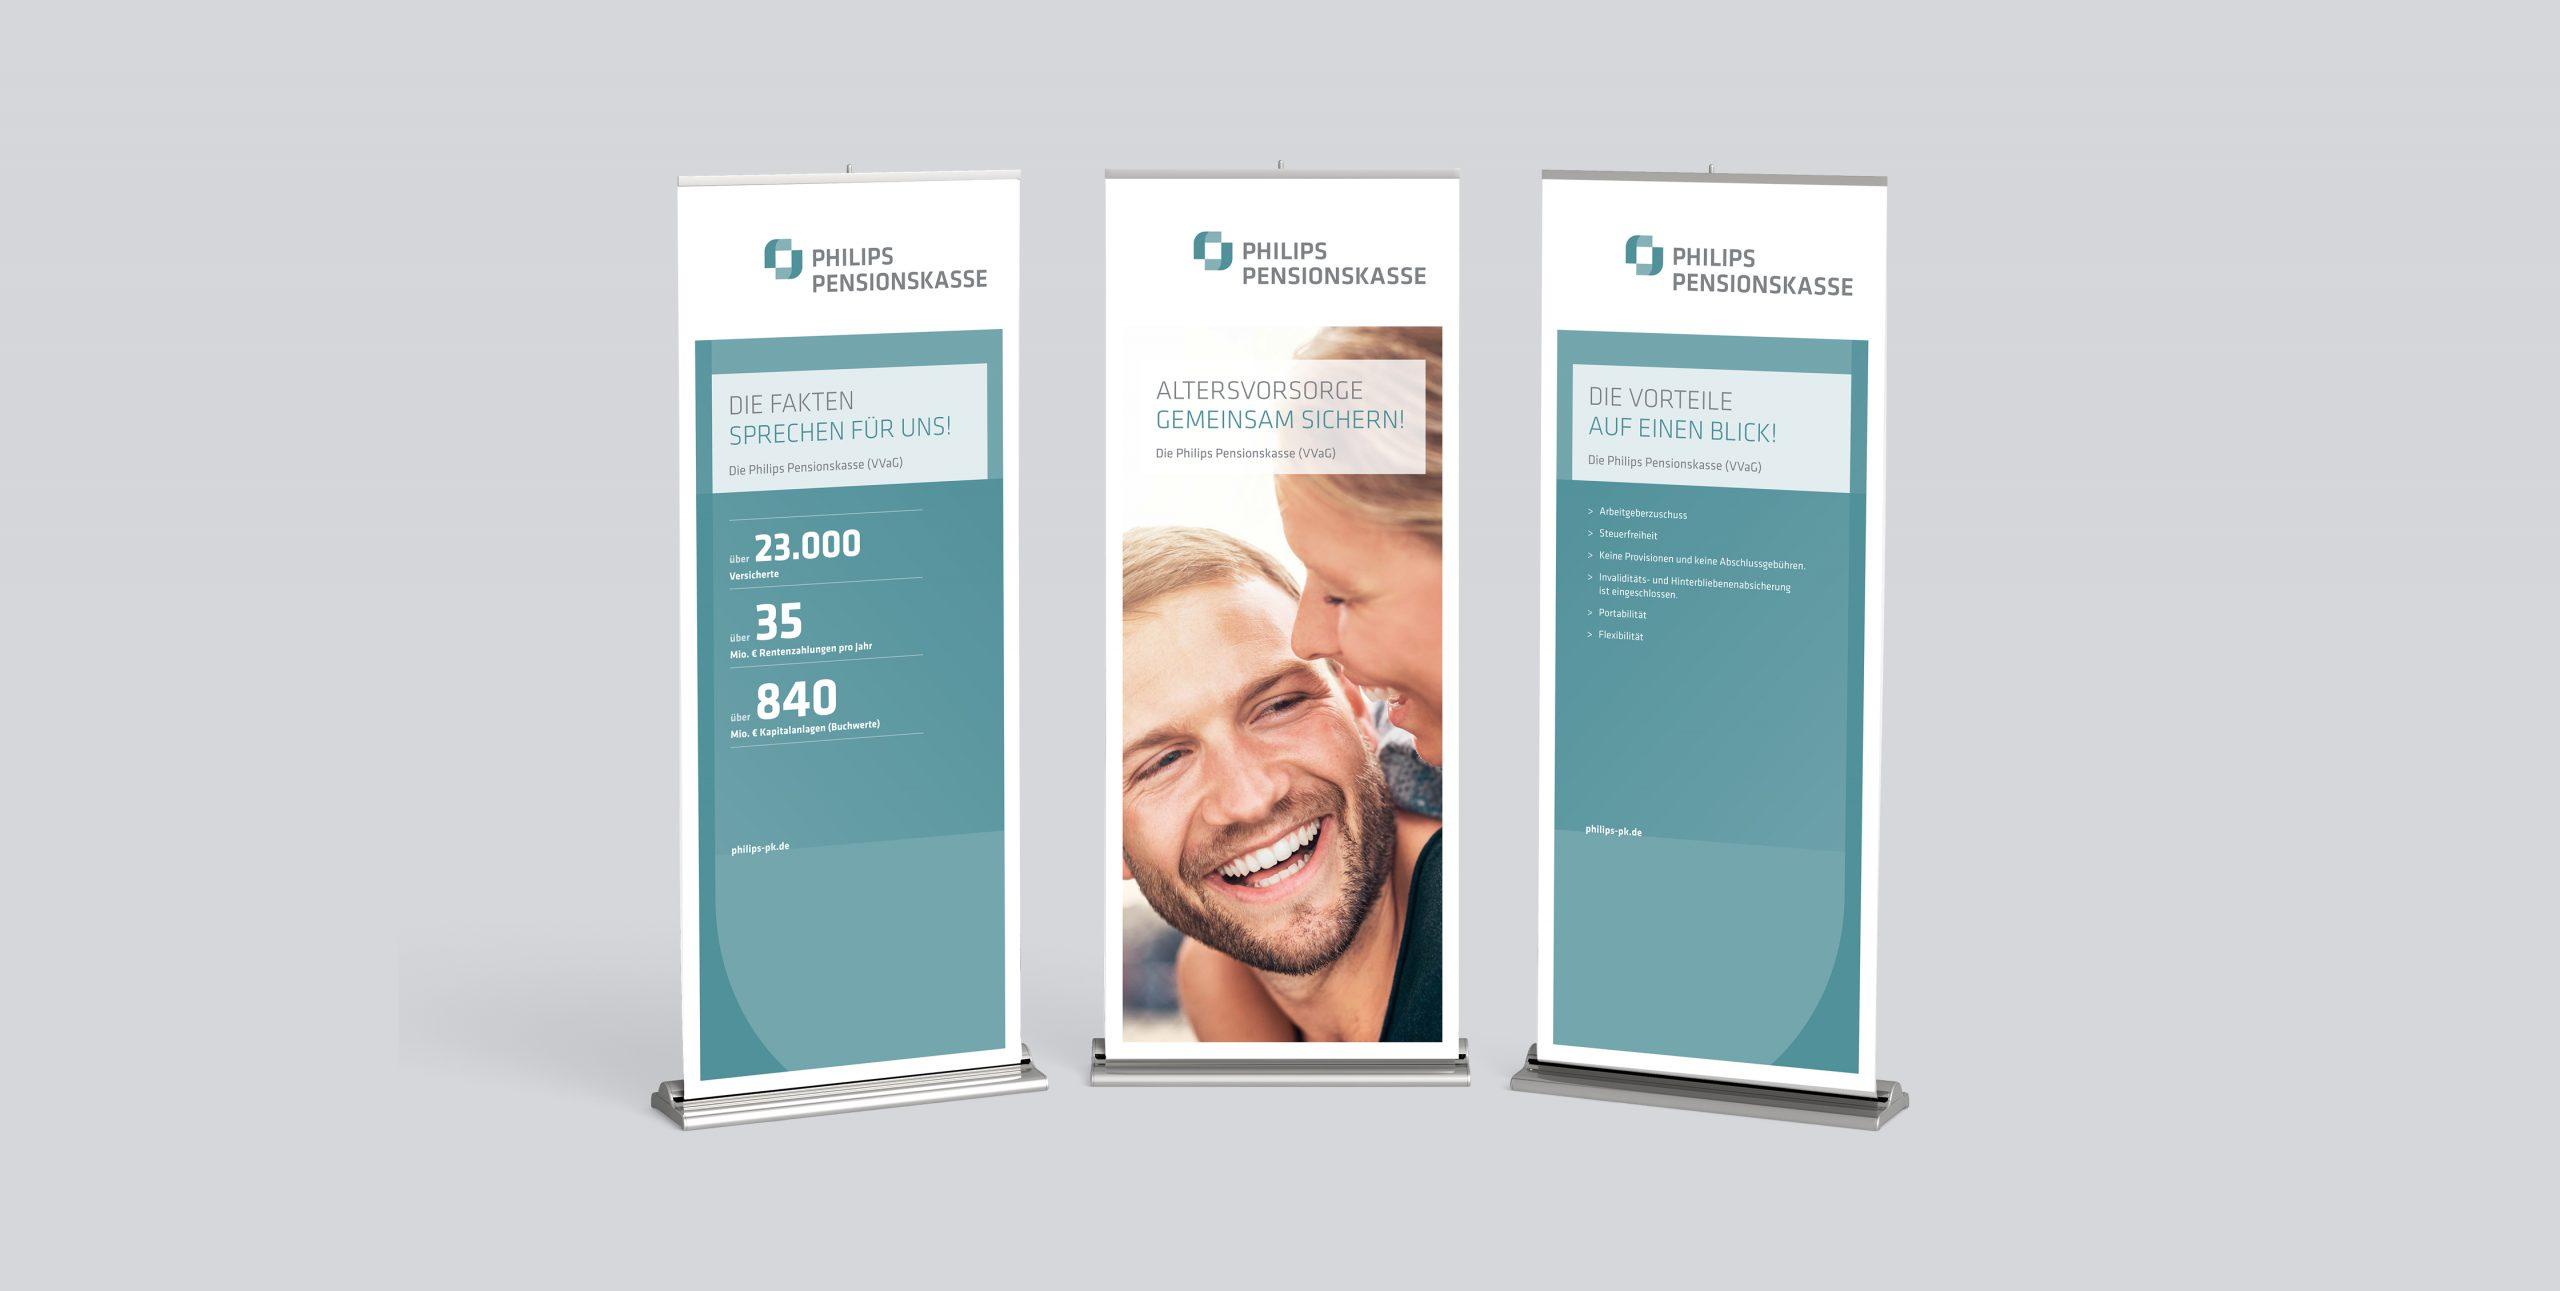 Philips Pensionskasse: CD-Entwicklung von Bosbach, Rollup-Design